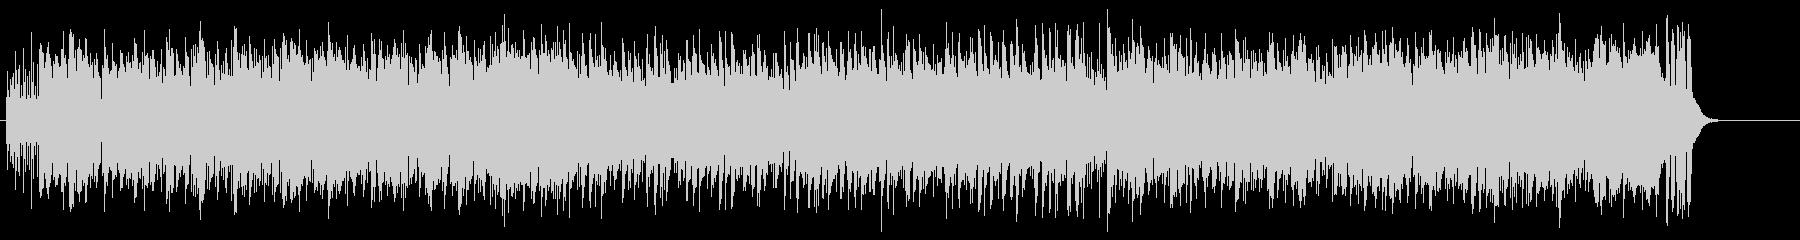 流れるギターリフが印象的なポップロックの未再生の波形